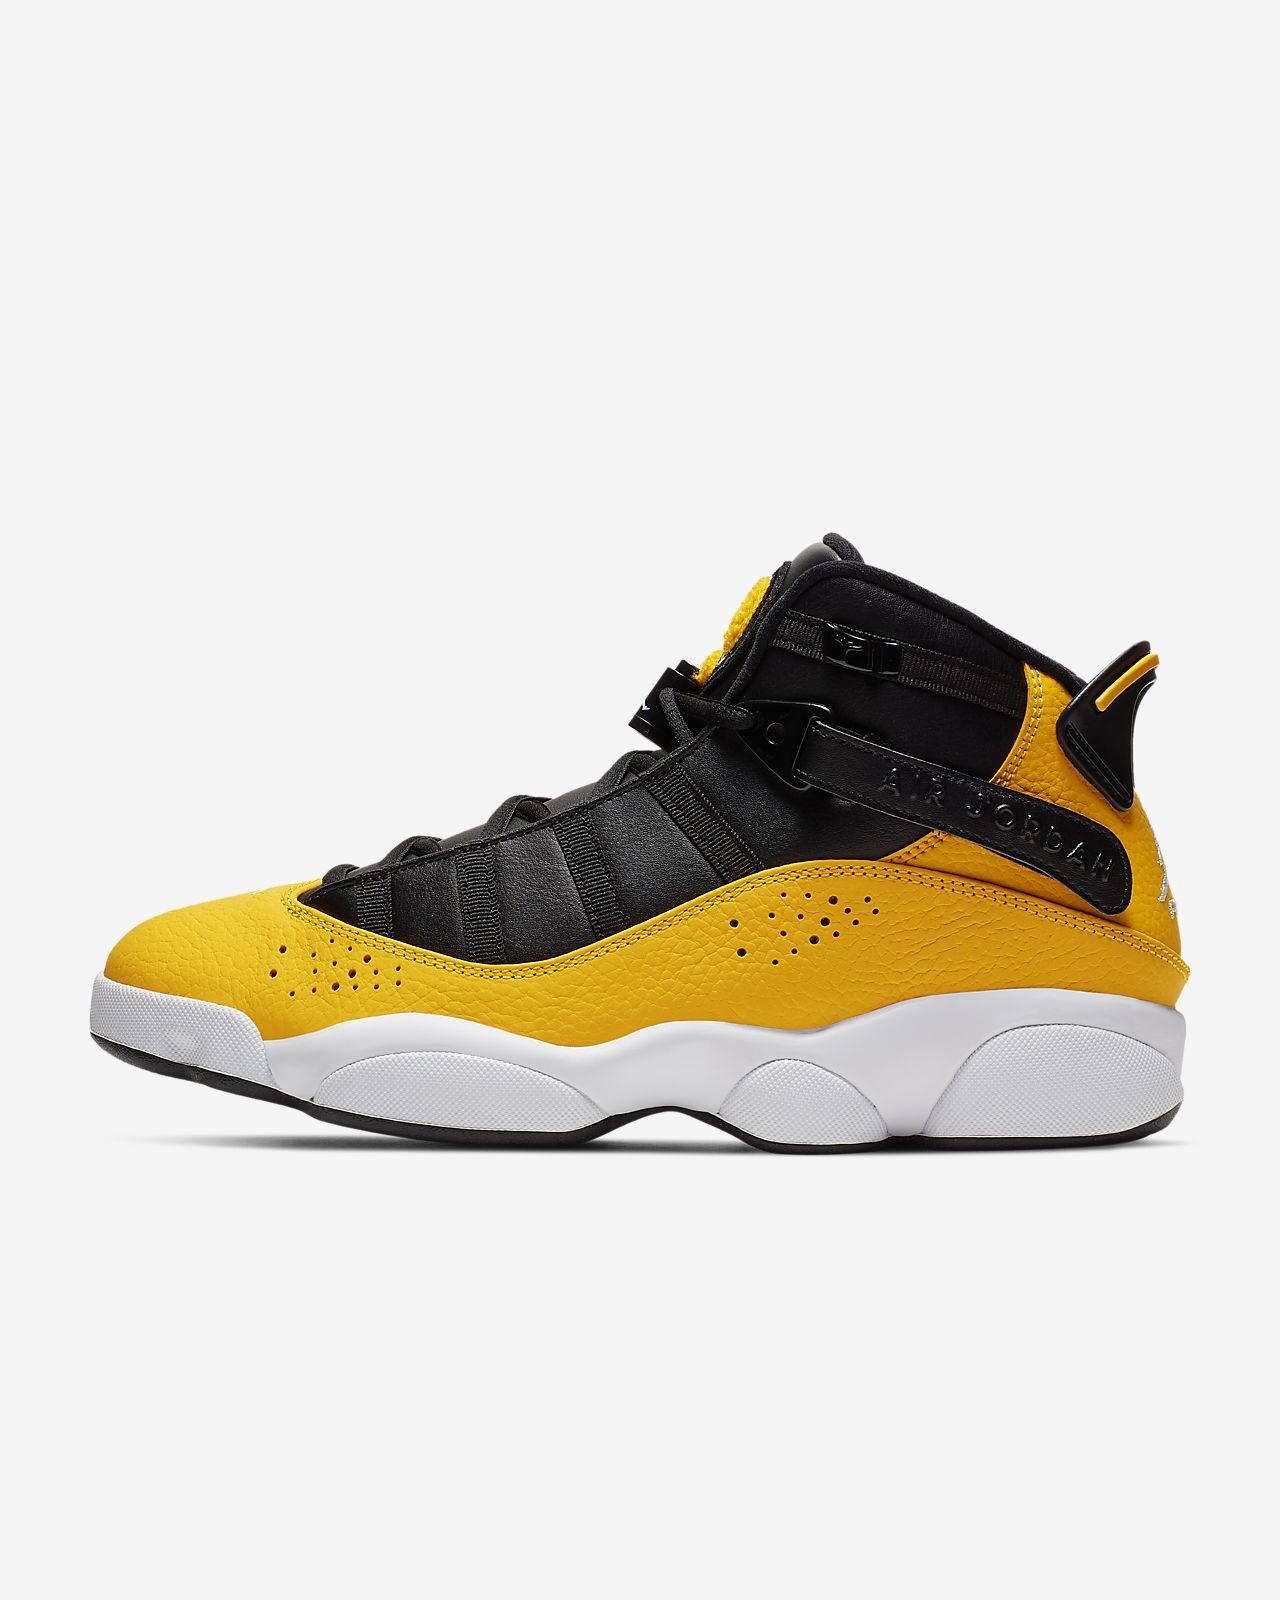 7bfd06c169b26c Jordan 6 Rings Men s Shoe. Nike.com AU